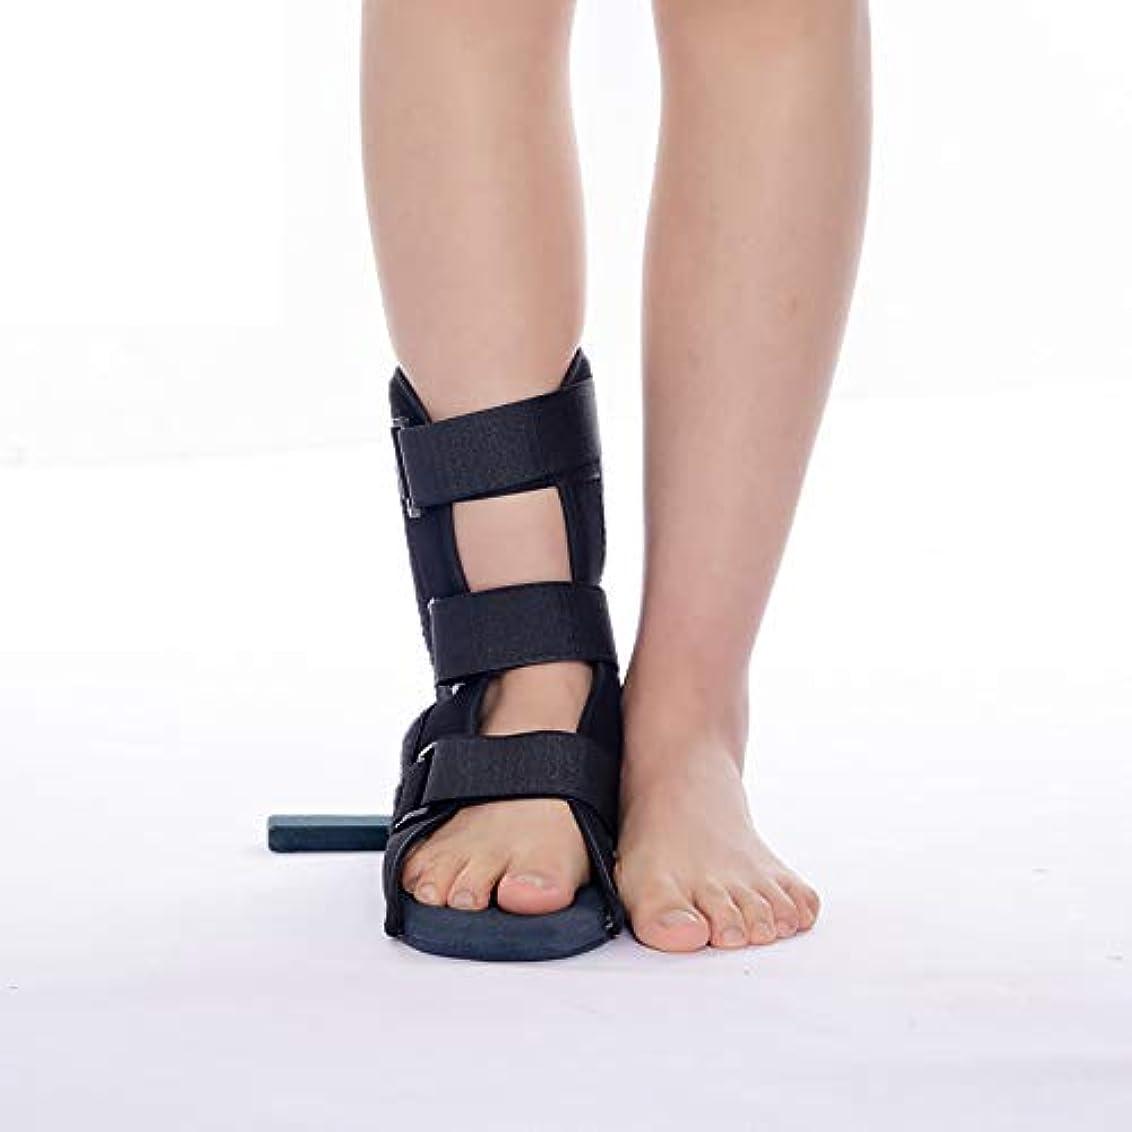 買い物に行く健康空気足固定整形外科用靴足ブレースサポート回転防止足首捻挫スタビライザーブーツ用足首関節捻挫骨折リハビリテーション